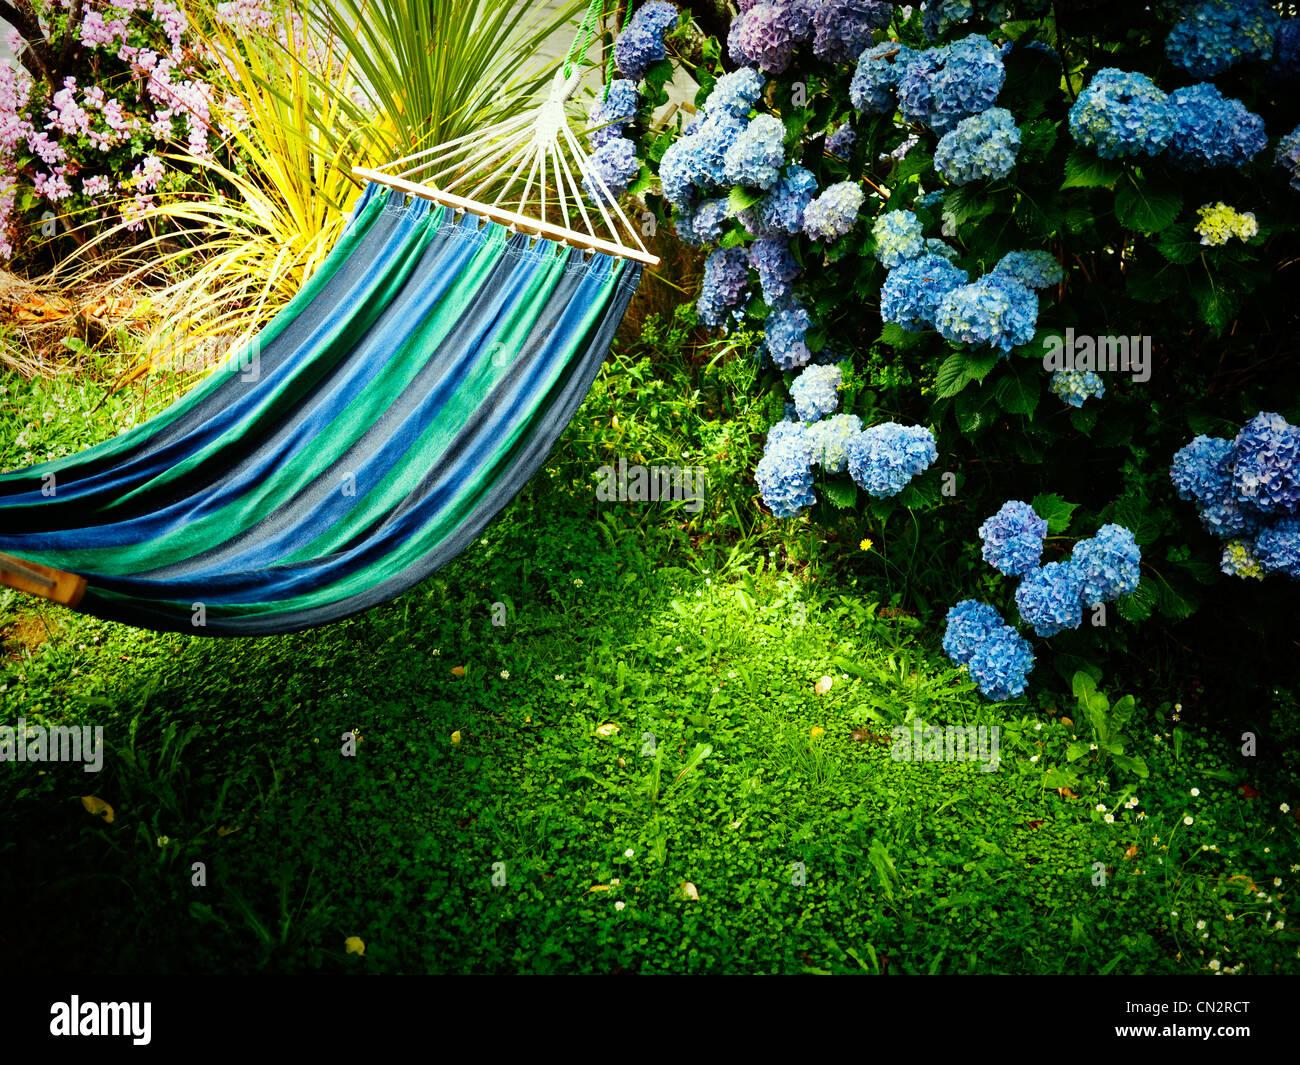 Sommer in Neuseeland: Blaue Hortensie, Hängematte und Rasen. Stockbild